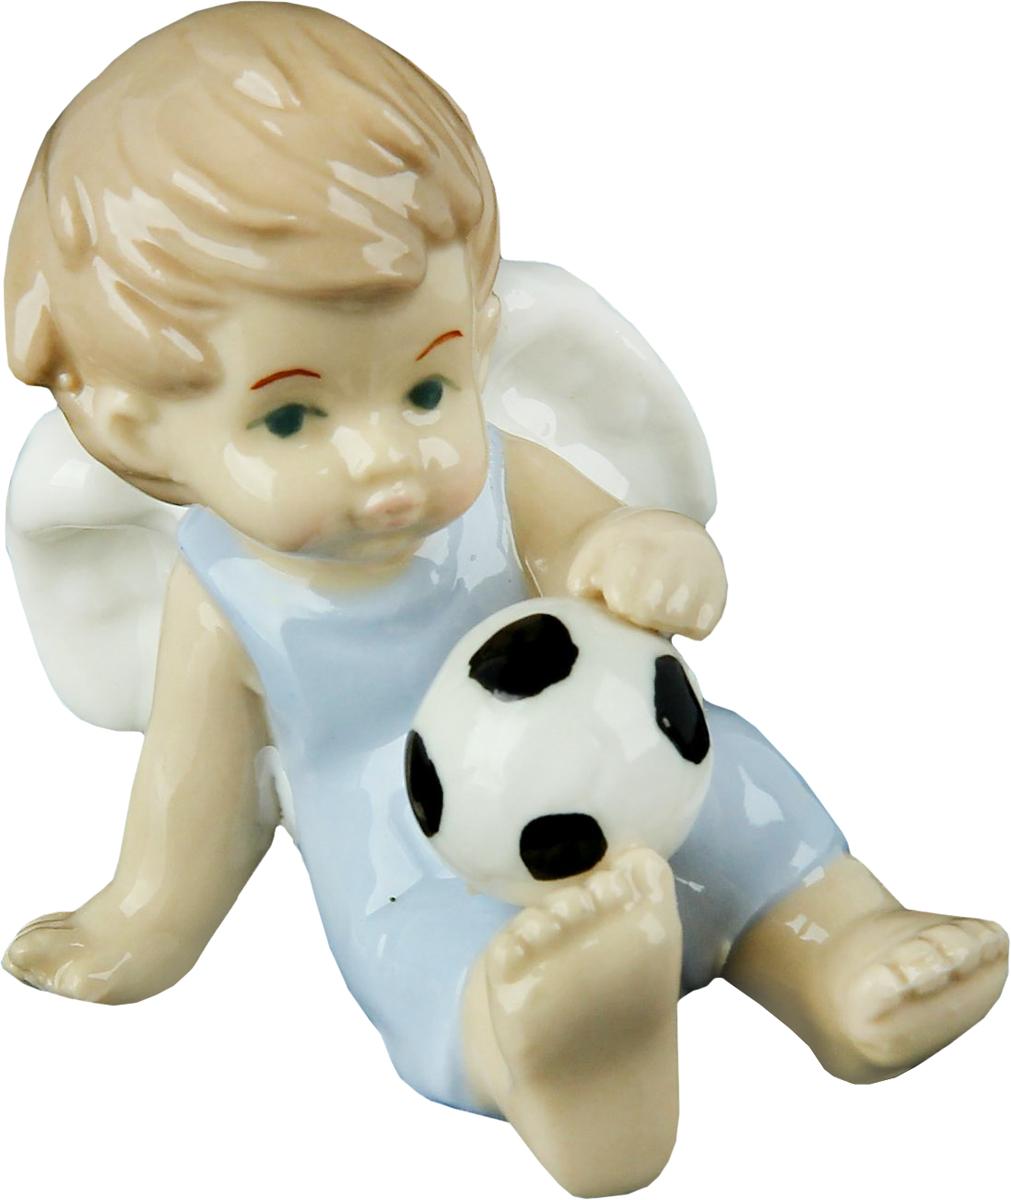 Сувенир пасхальный Sima-land Ангел в голубом комбезике с футбольным мячом, 6 х 4 х 7,5 смTHN132NАнгел в переводе с древнегреческого языка означает вестник, посланец, пусть этот сувенир Ангел в голубом комбезике с футбольным мячом будет вашим личным посланником, который защитит вас и близких от невзгод. Преподнесите эту изящную статуэтку на Пасху в корзинке с разноцветными яйцами, на Рождество вместе с конфетками, в День ангела со сладким тортом или в любой другой день, ведь для такого подарка со смыслом не обязательно нужен повод.